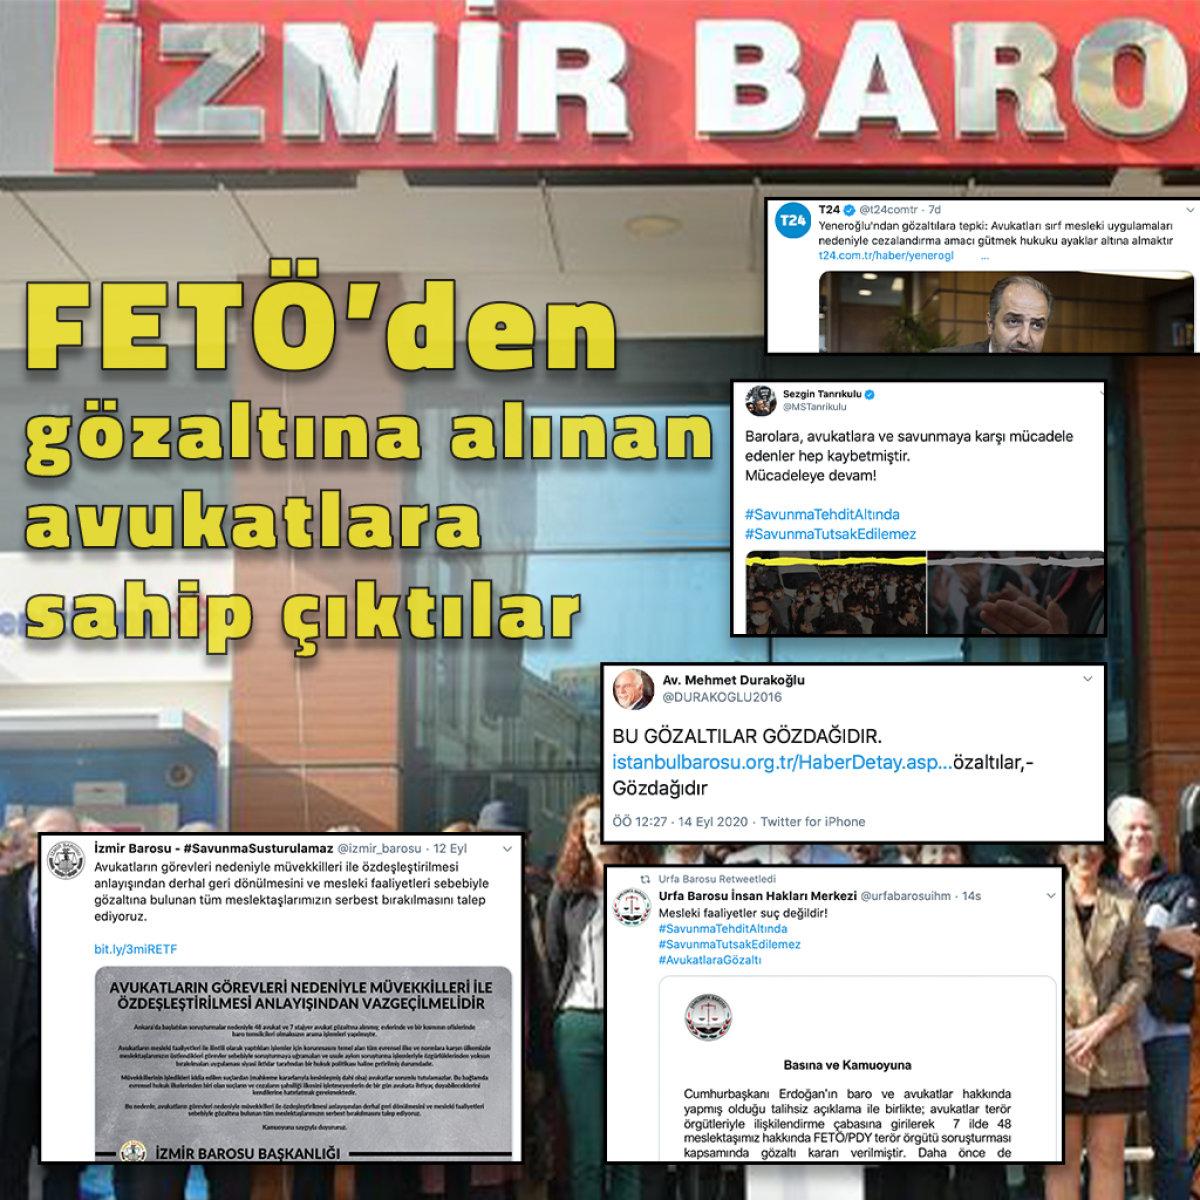 FETÖ'den gözaltına alınan avukatlara sahip çıktılar